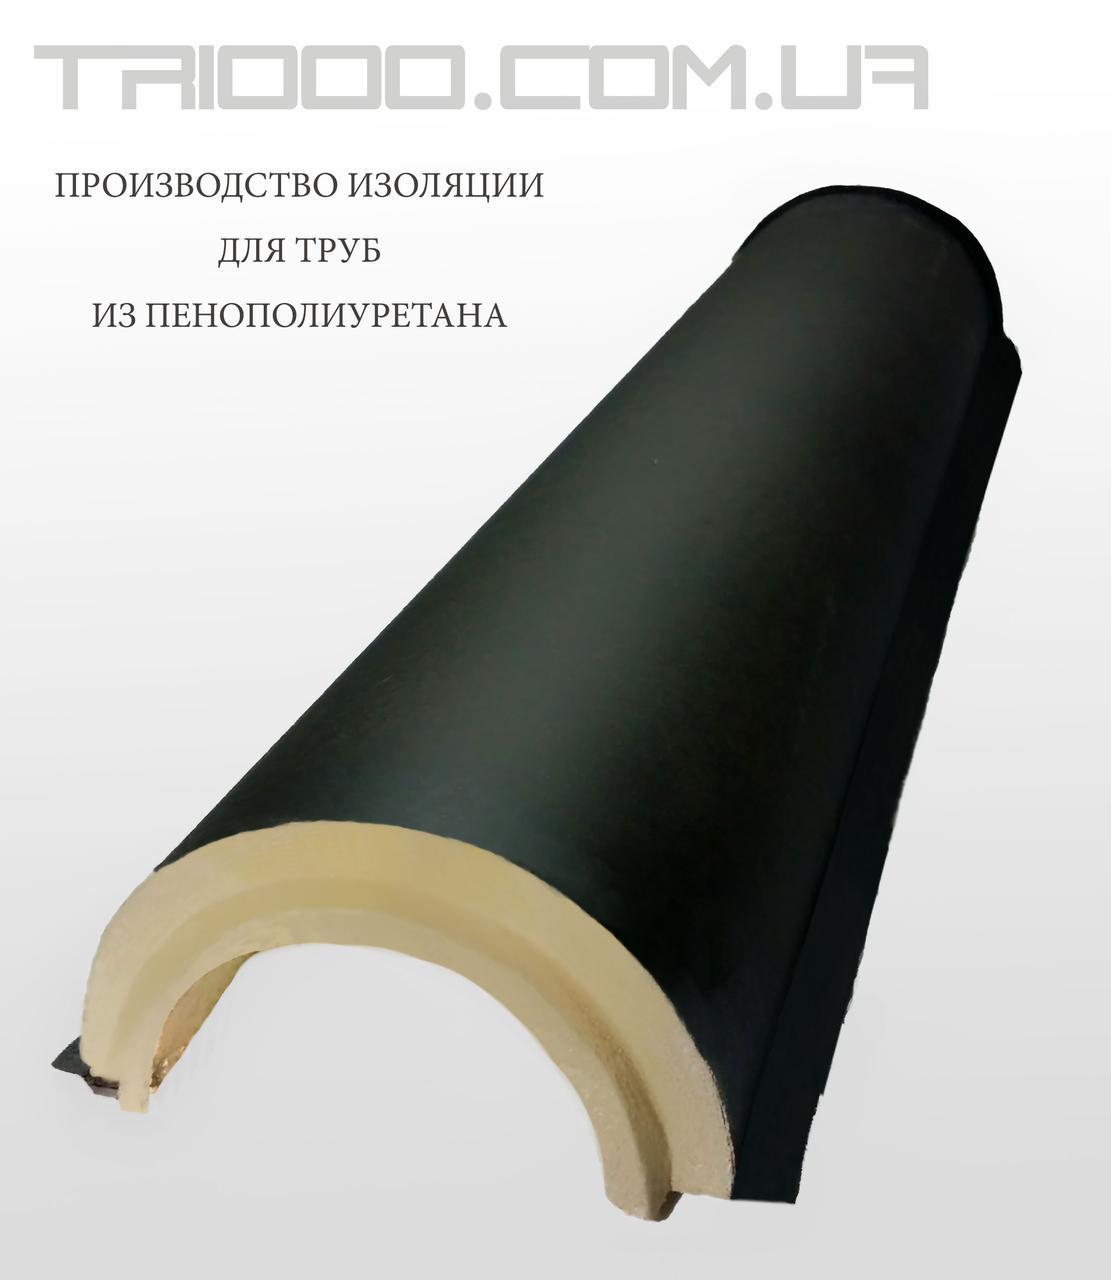 Сегменты теплоизоляционные для труб Ø 273/40 мм в покрытии из пергамина